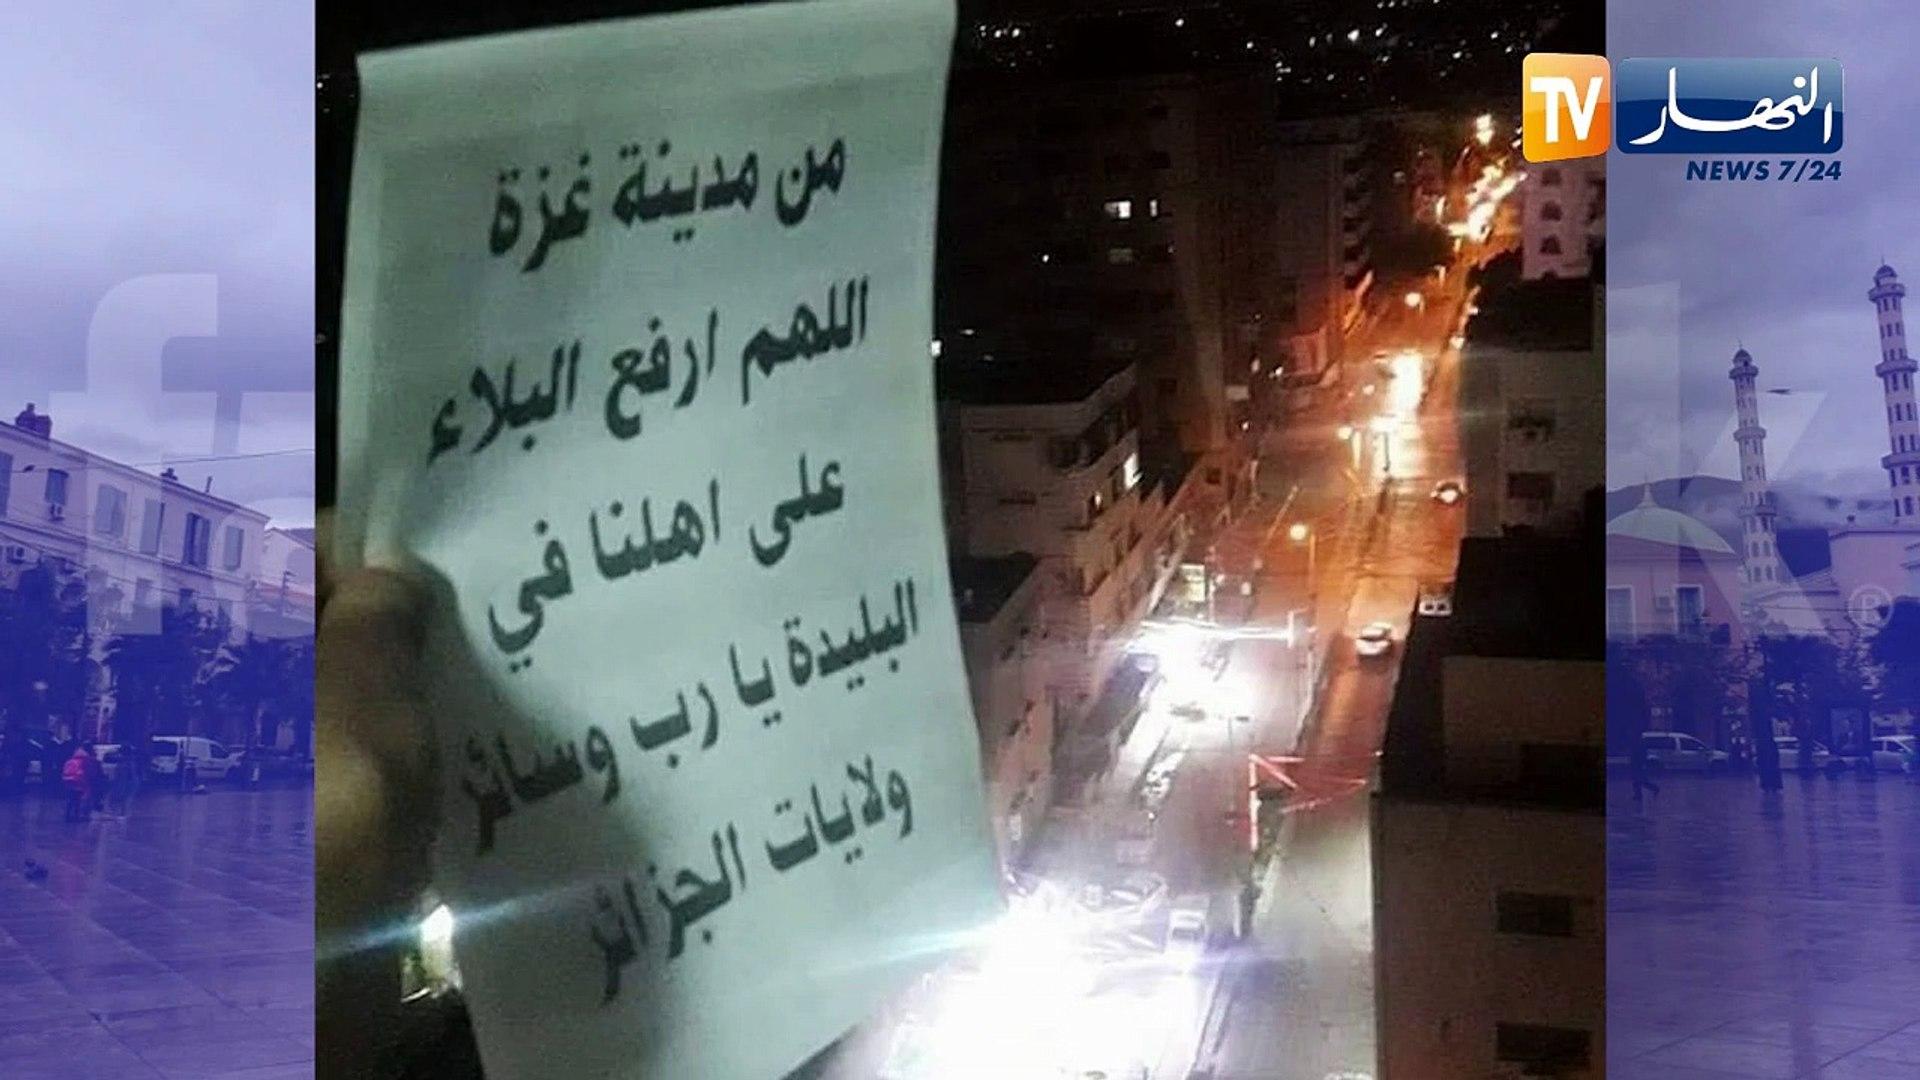 كورونا: الجزائريون بعبارة كلنا البليدة..الورود تحيا بعد السقي